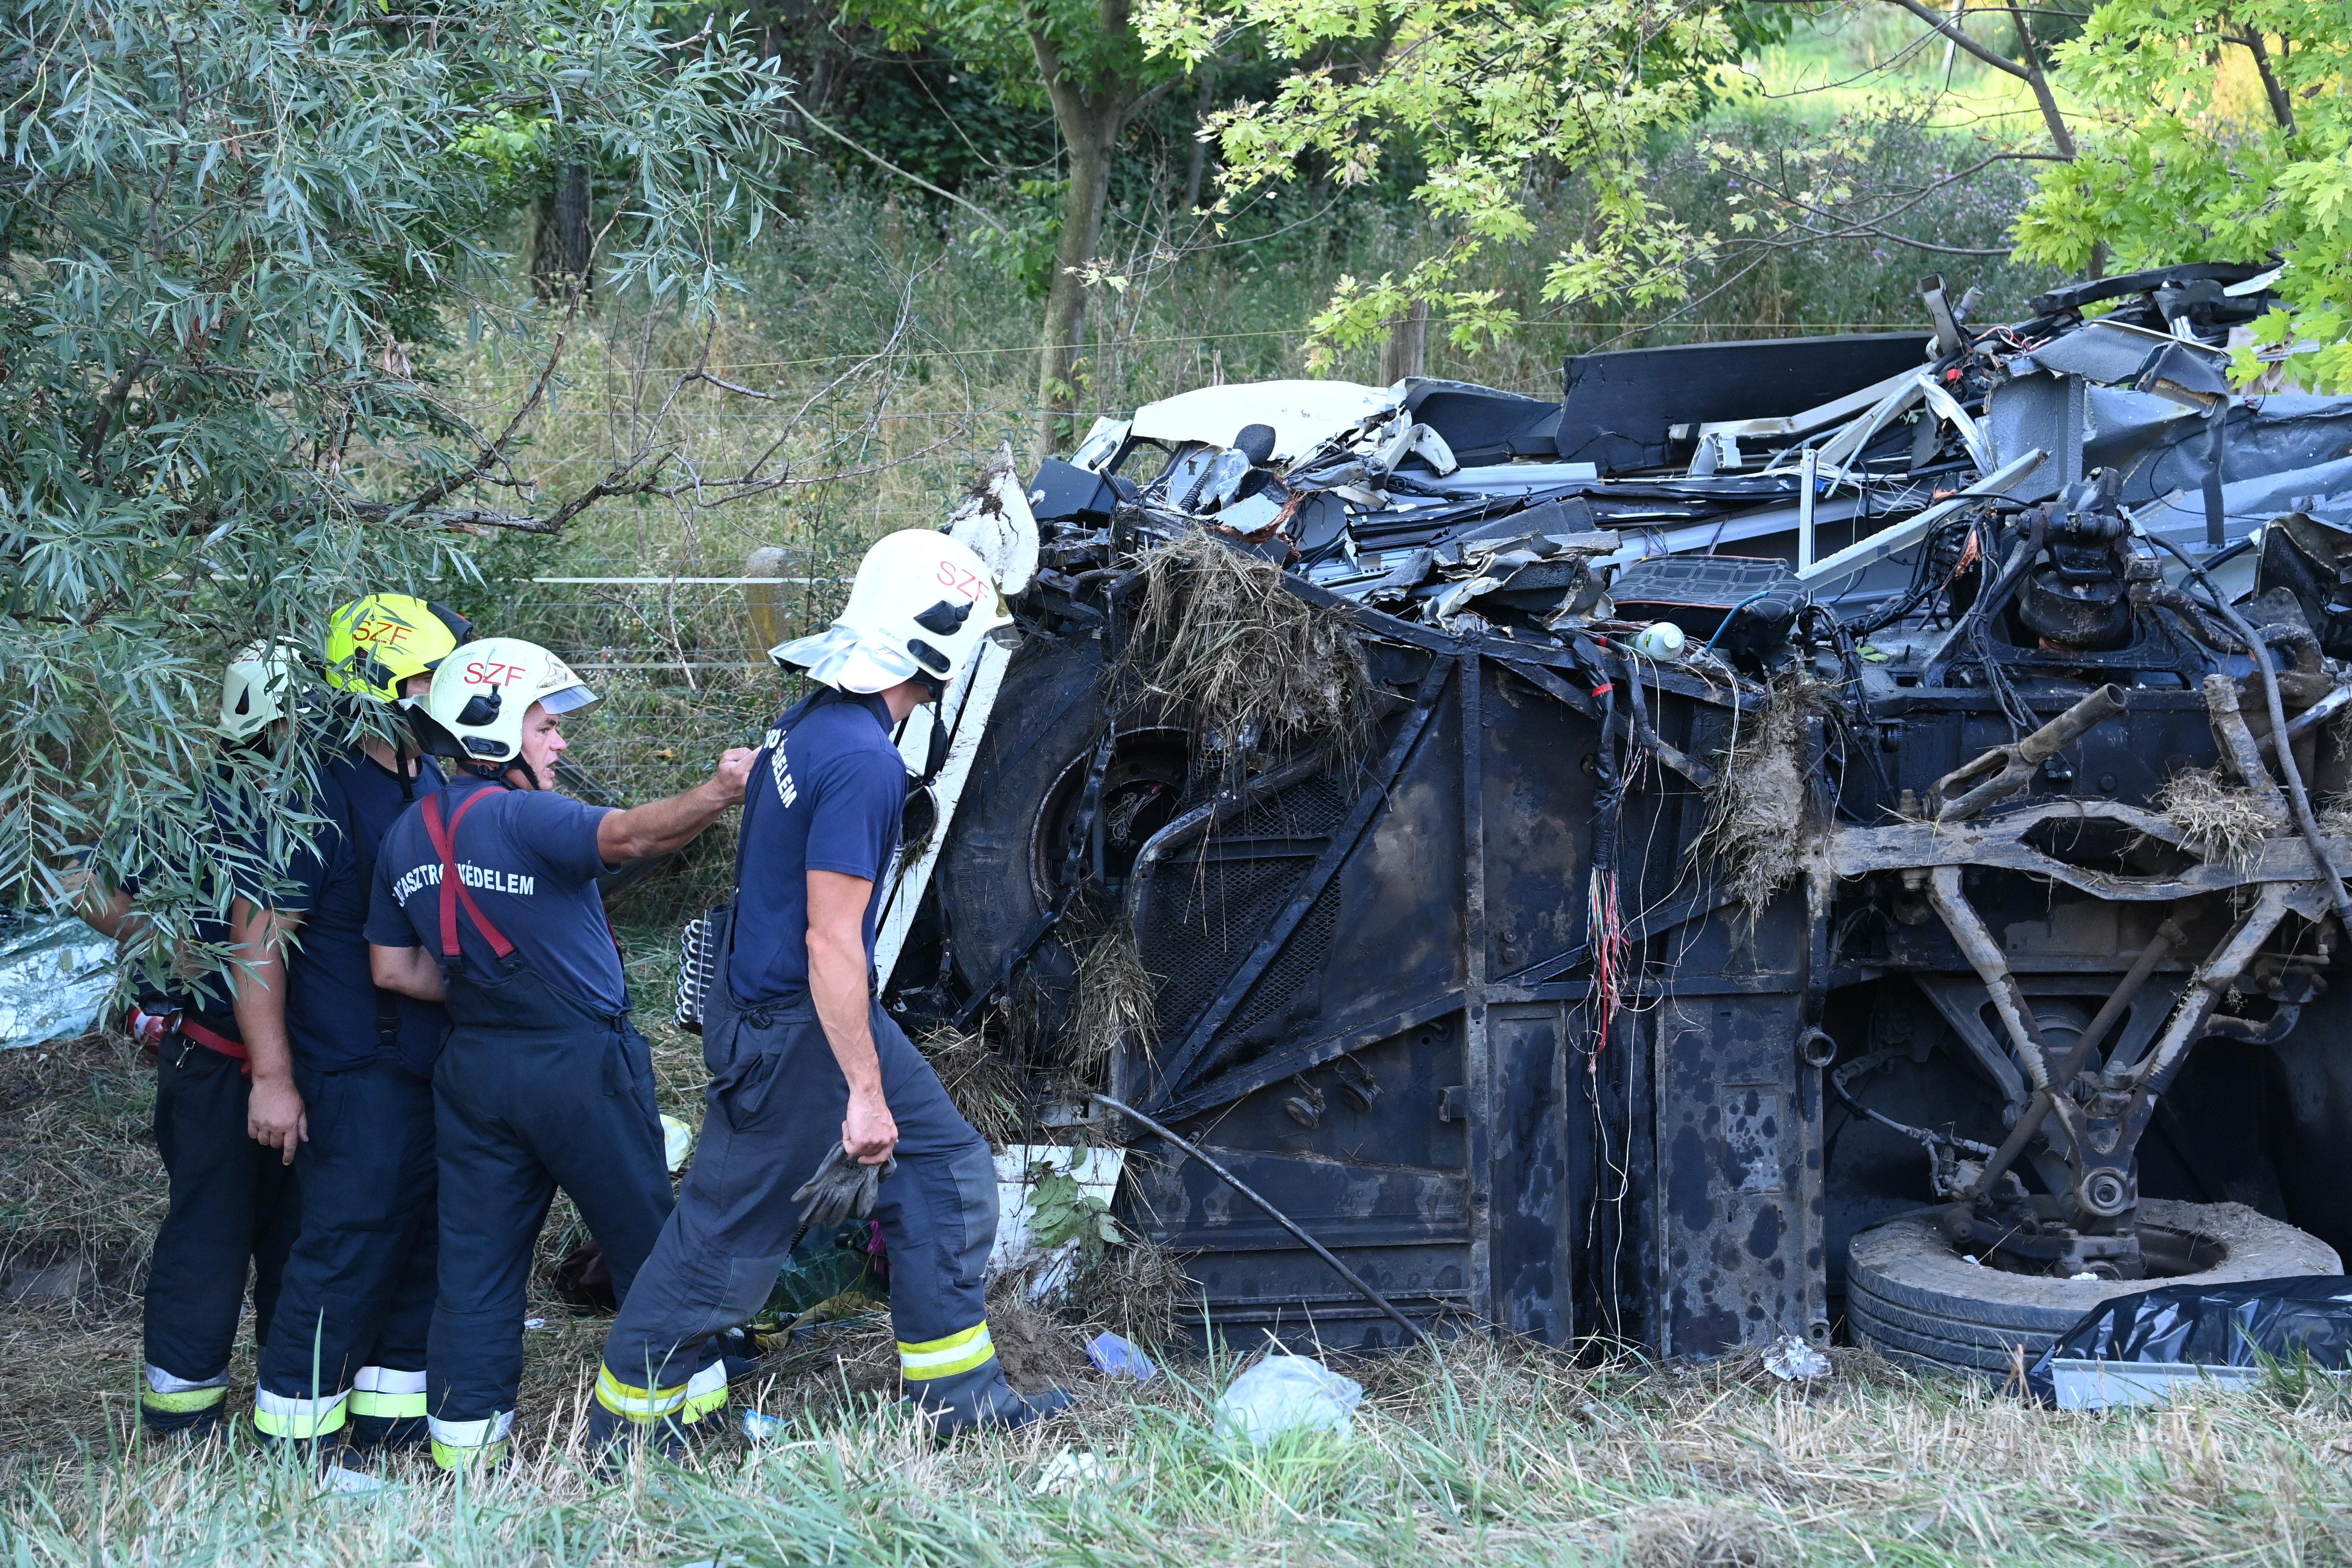 Nyolc ember meghalt, miután oldalára borult egy busz az M7-es autópályán